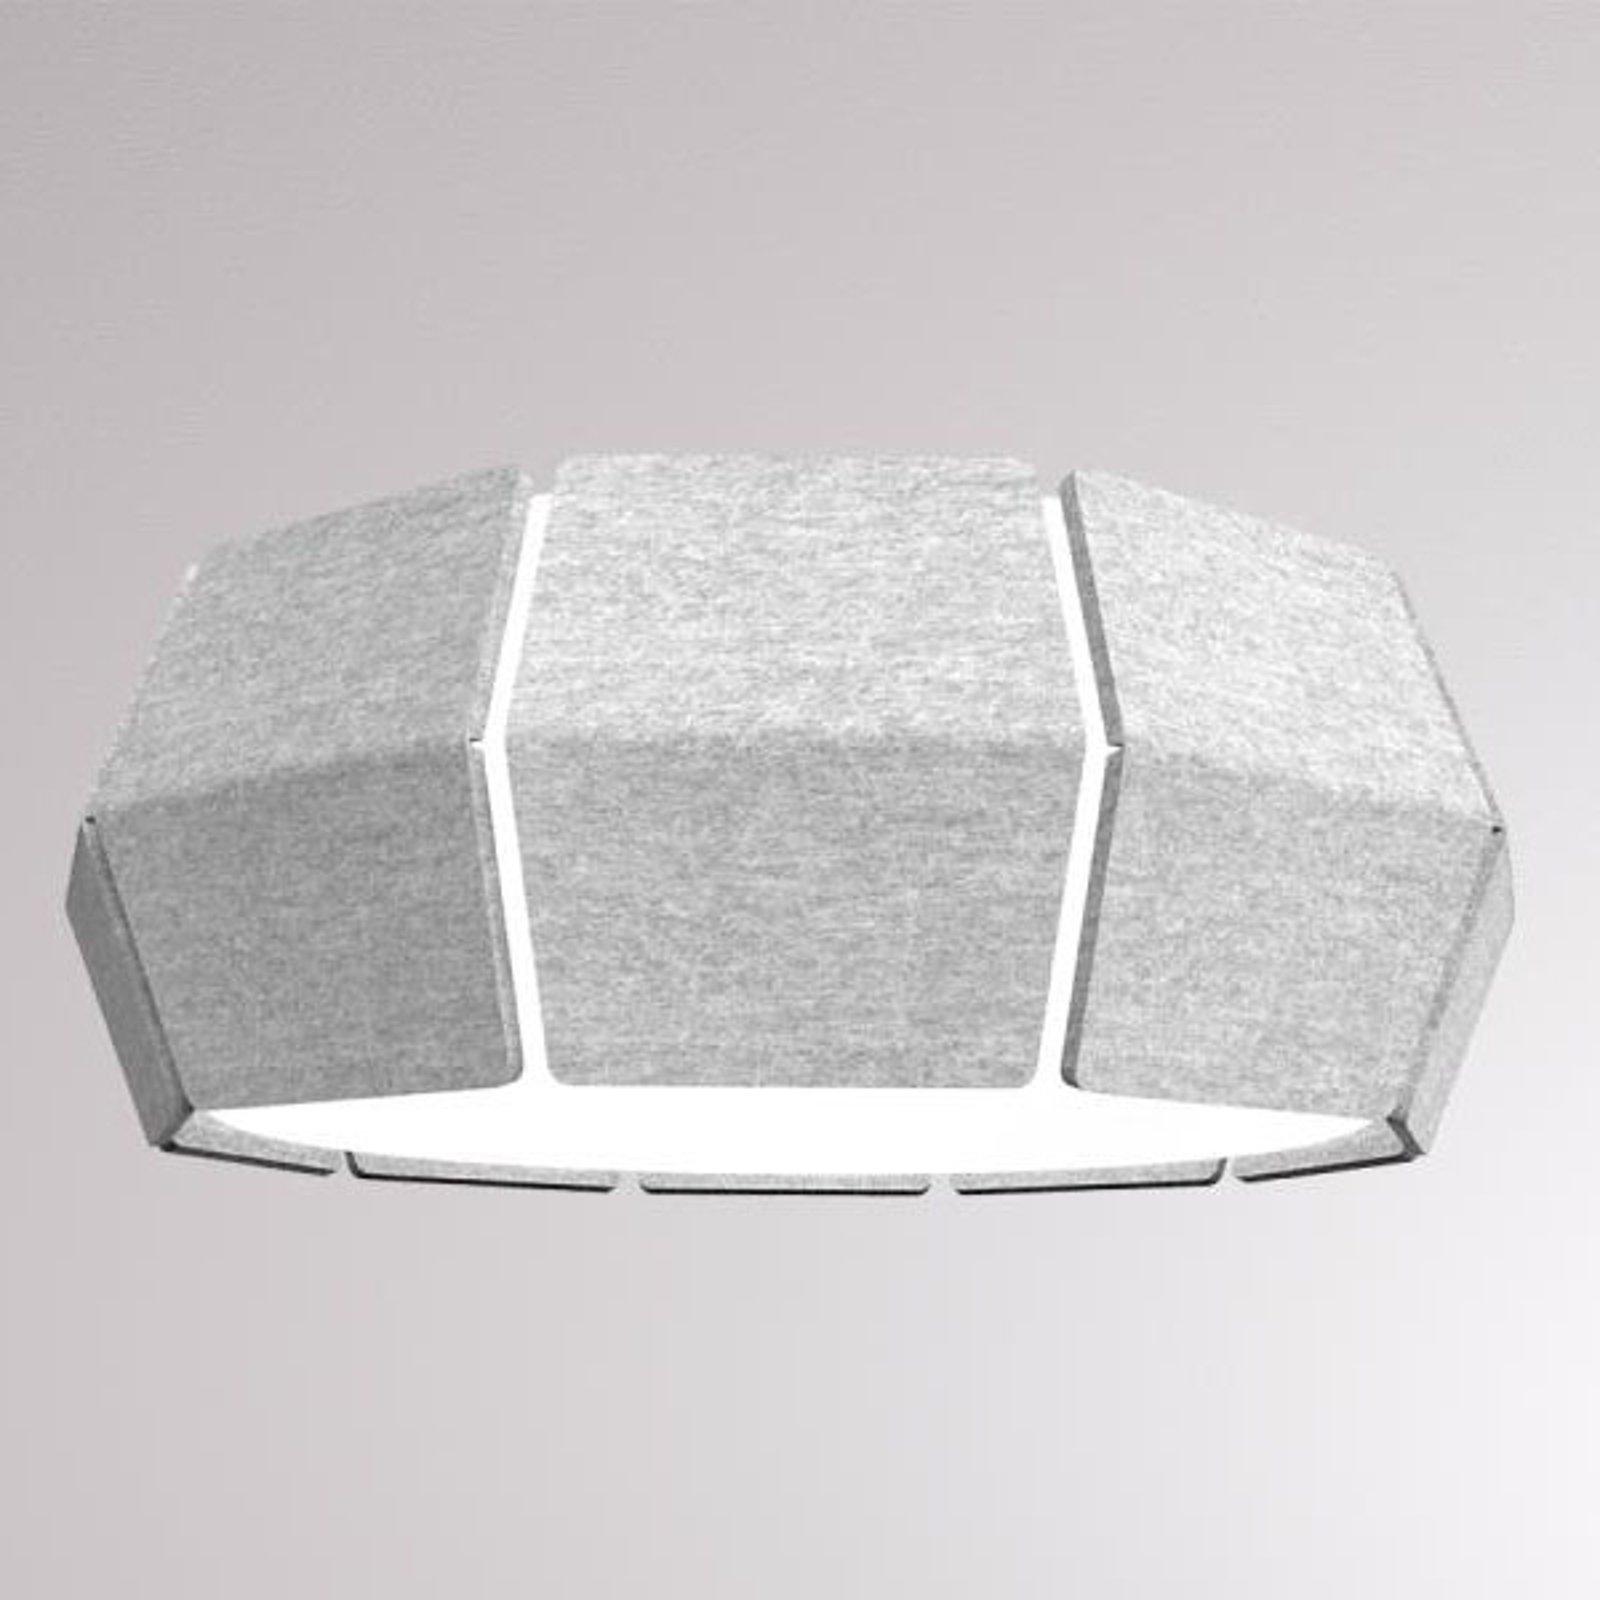 LOUM Decafelt LED-taklampe Ø 54 cm grå